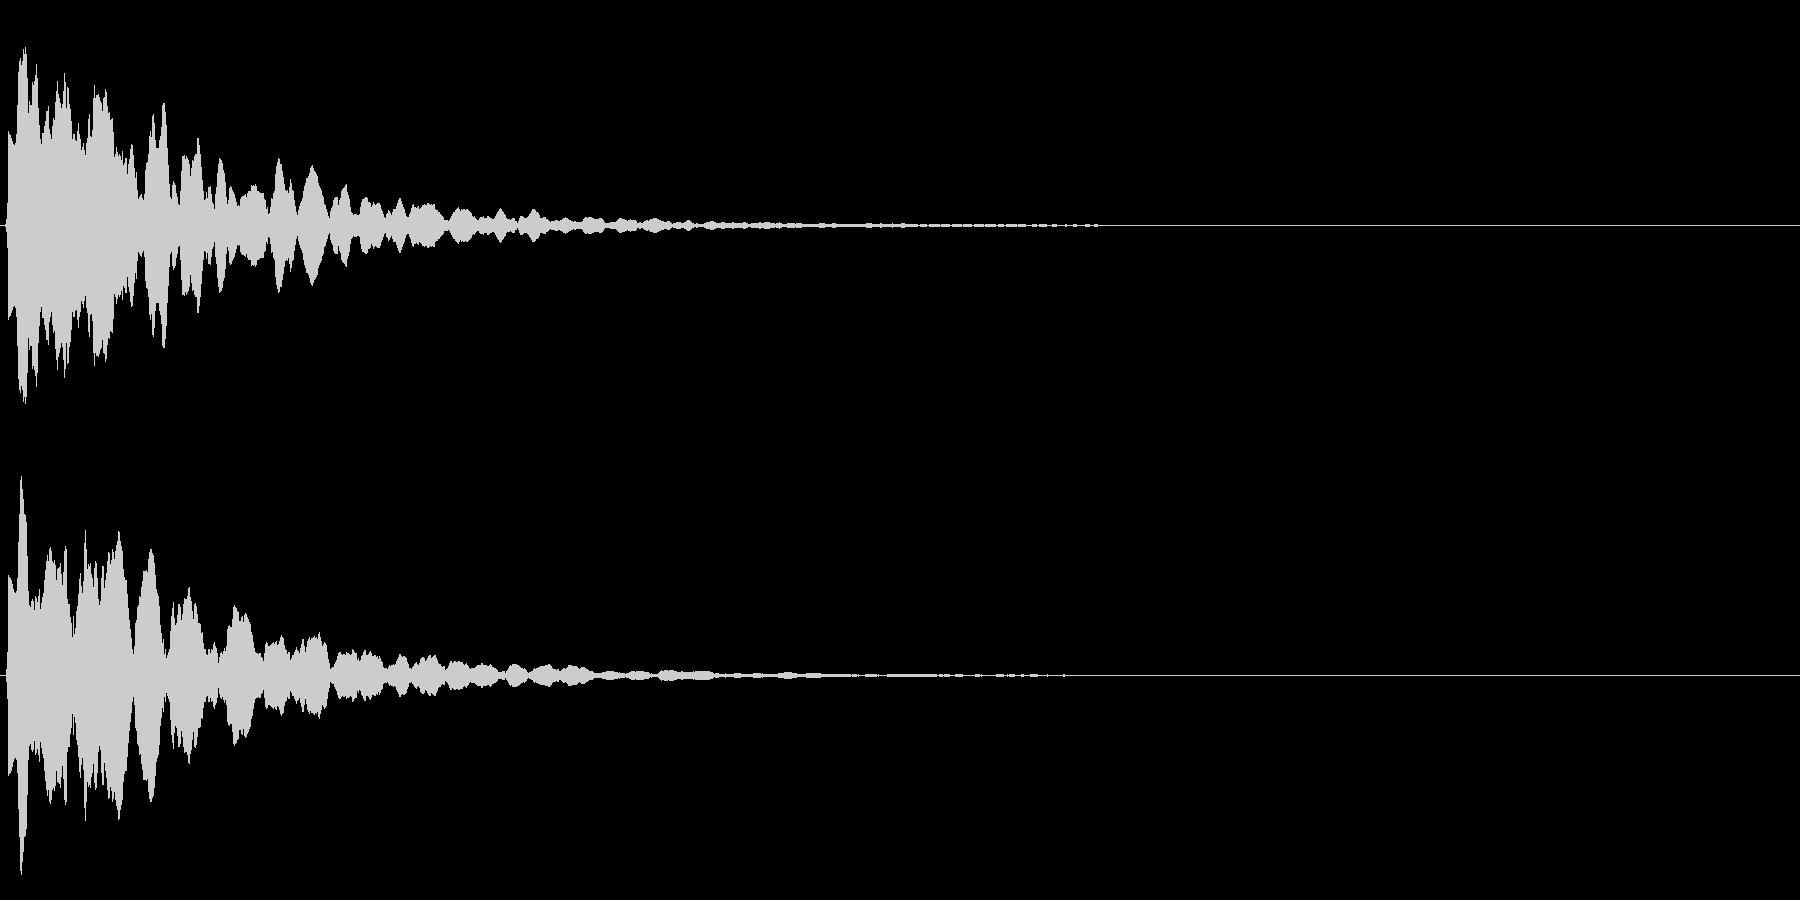 ゲームスタート、決定、ボタン音-155の未再生の波形